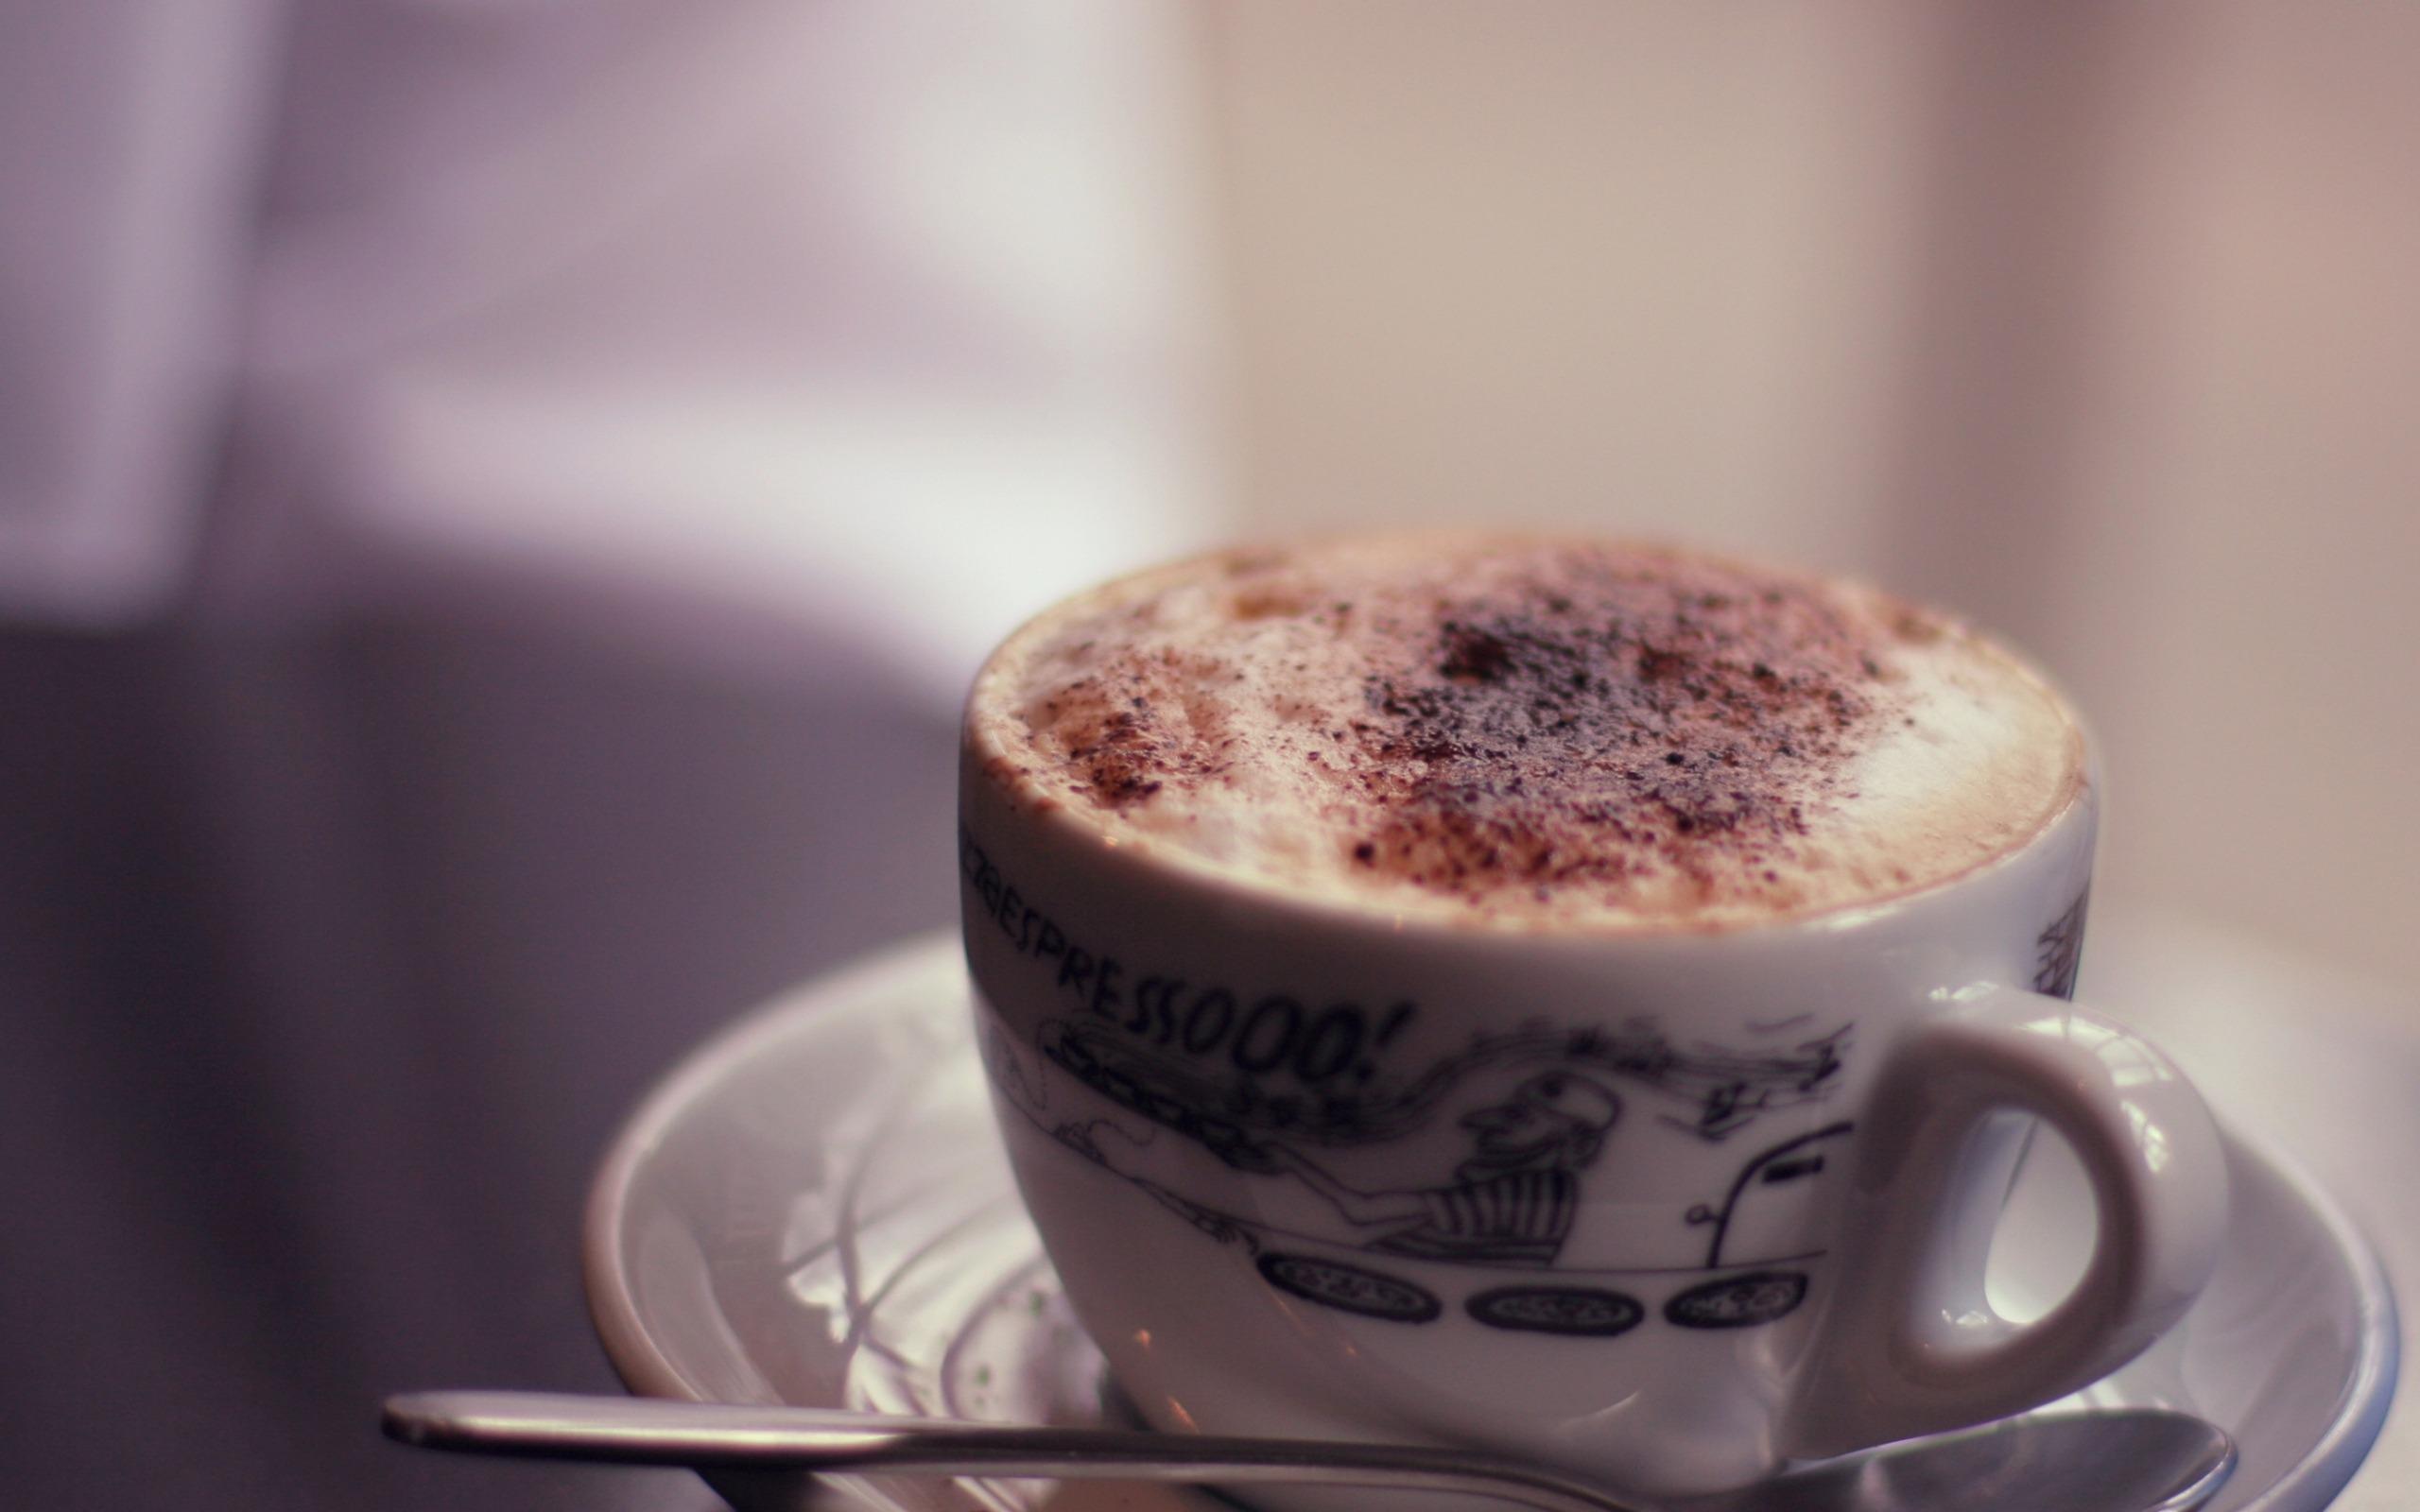 霊コーヒーココアカプチーノ 食べ物壁紙のhdプレビュー 10wallpaper Com